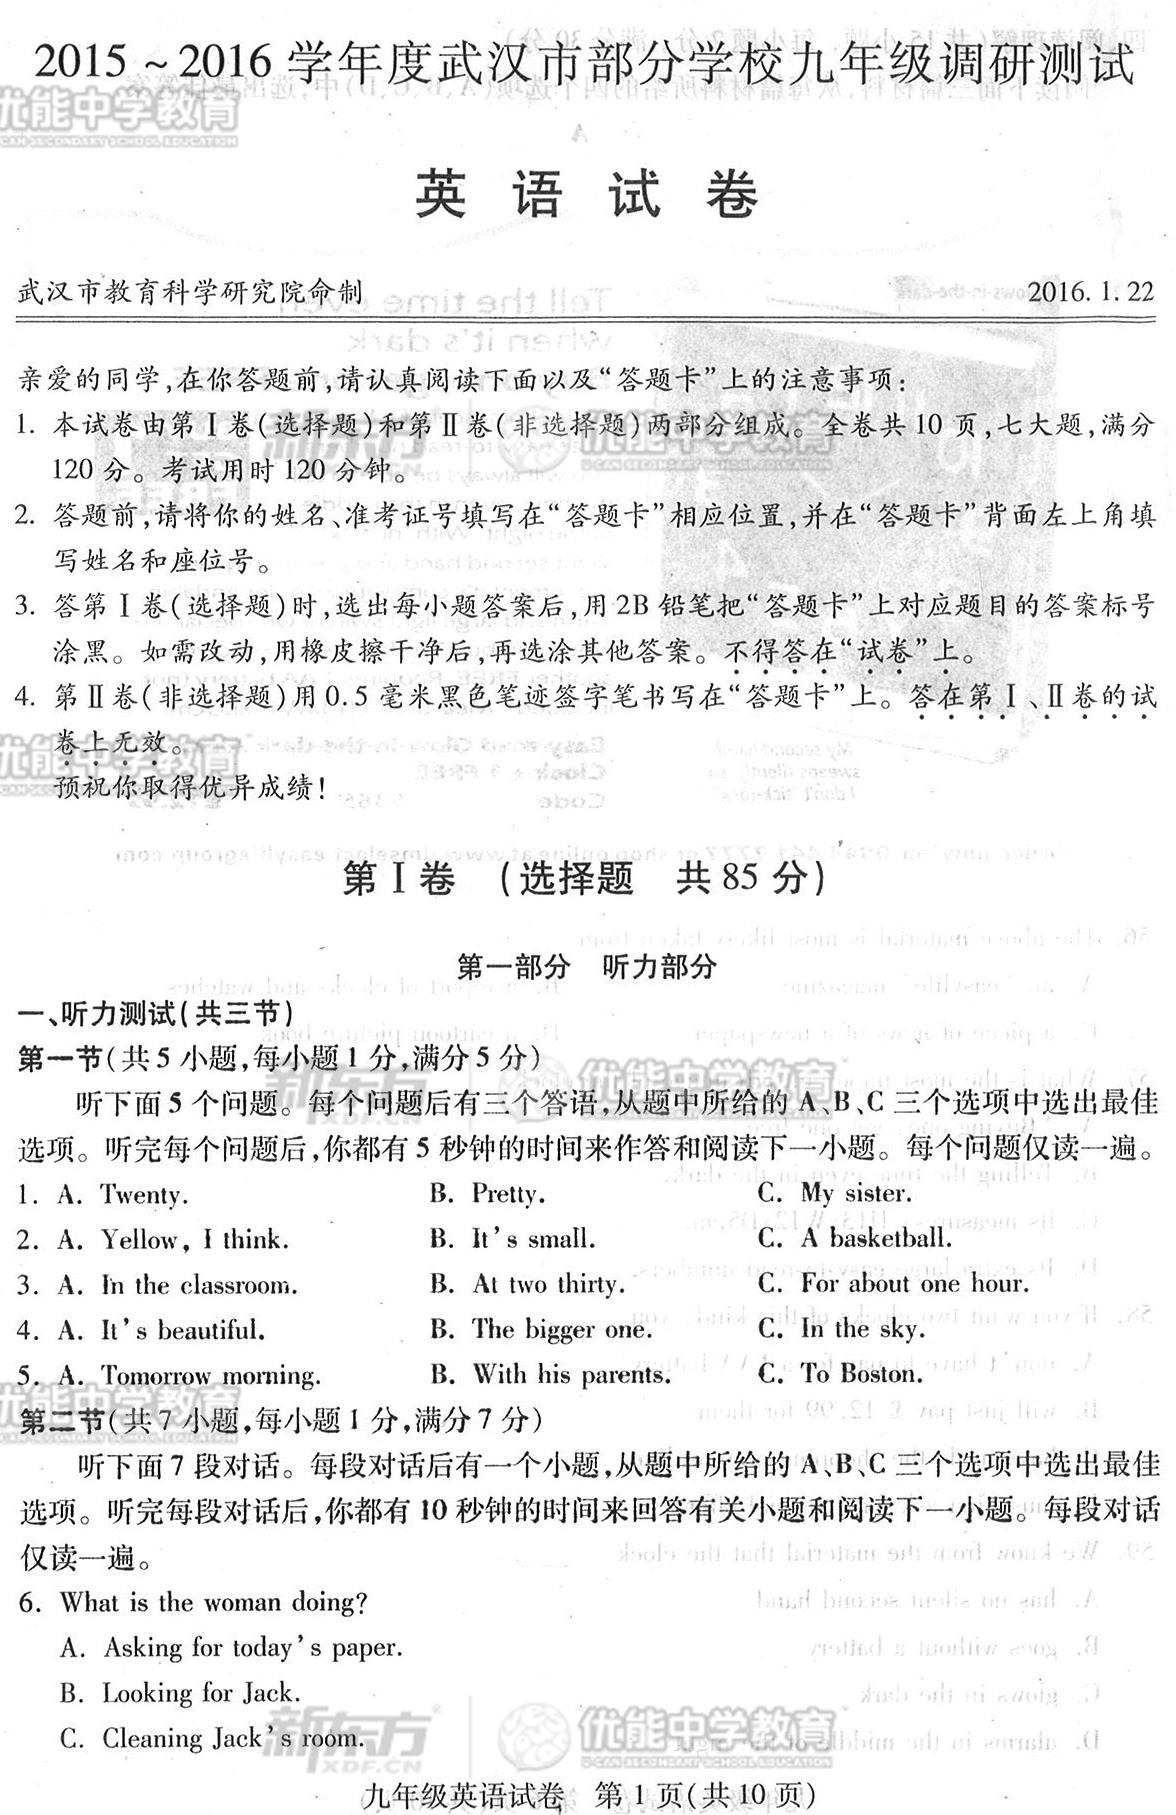 2016.1武汉初三元月调考英语试题及答案(图片版)